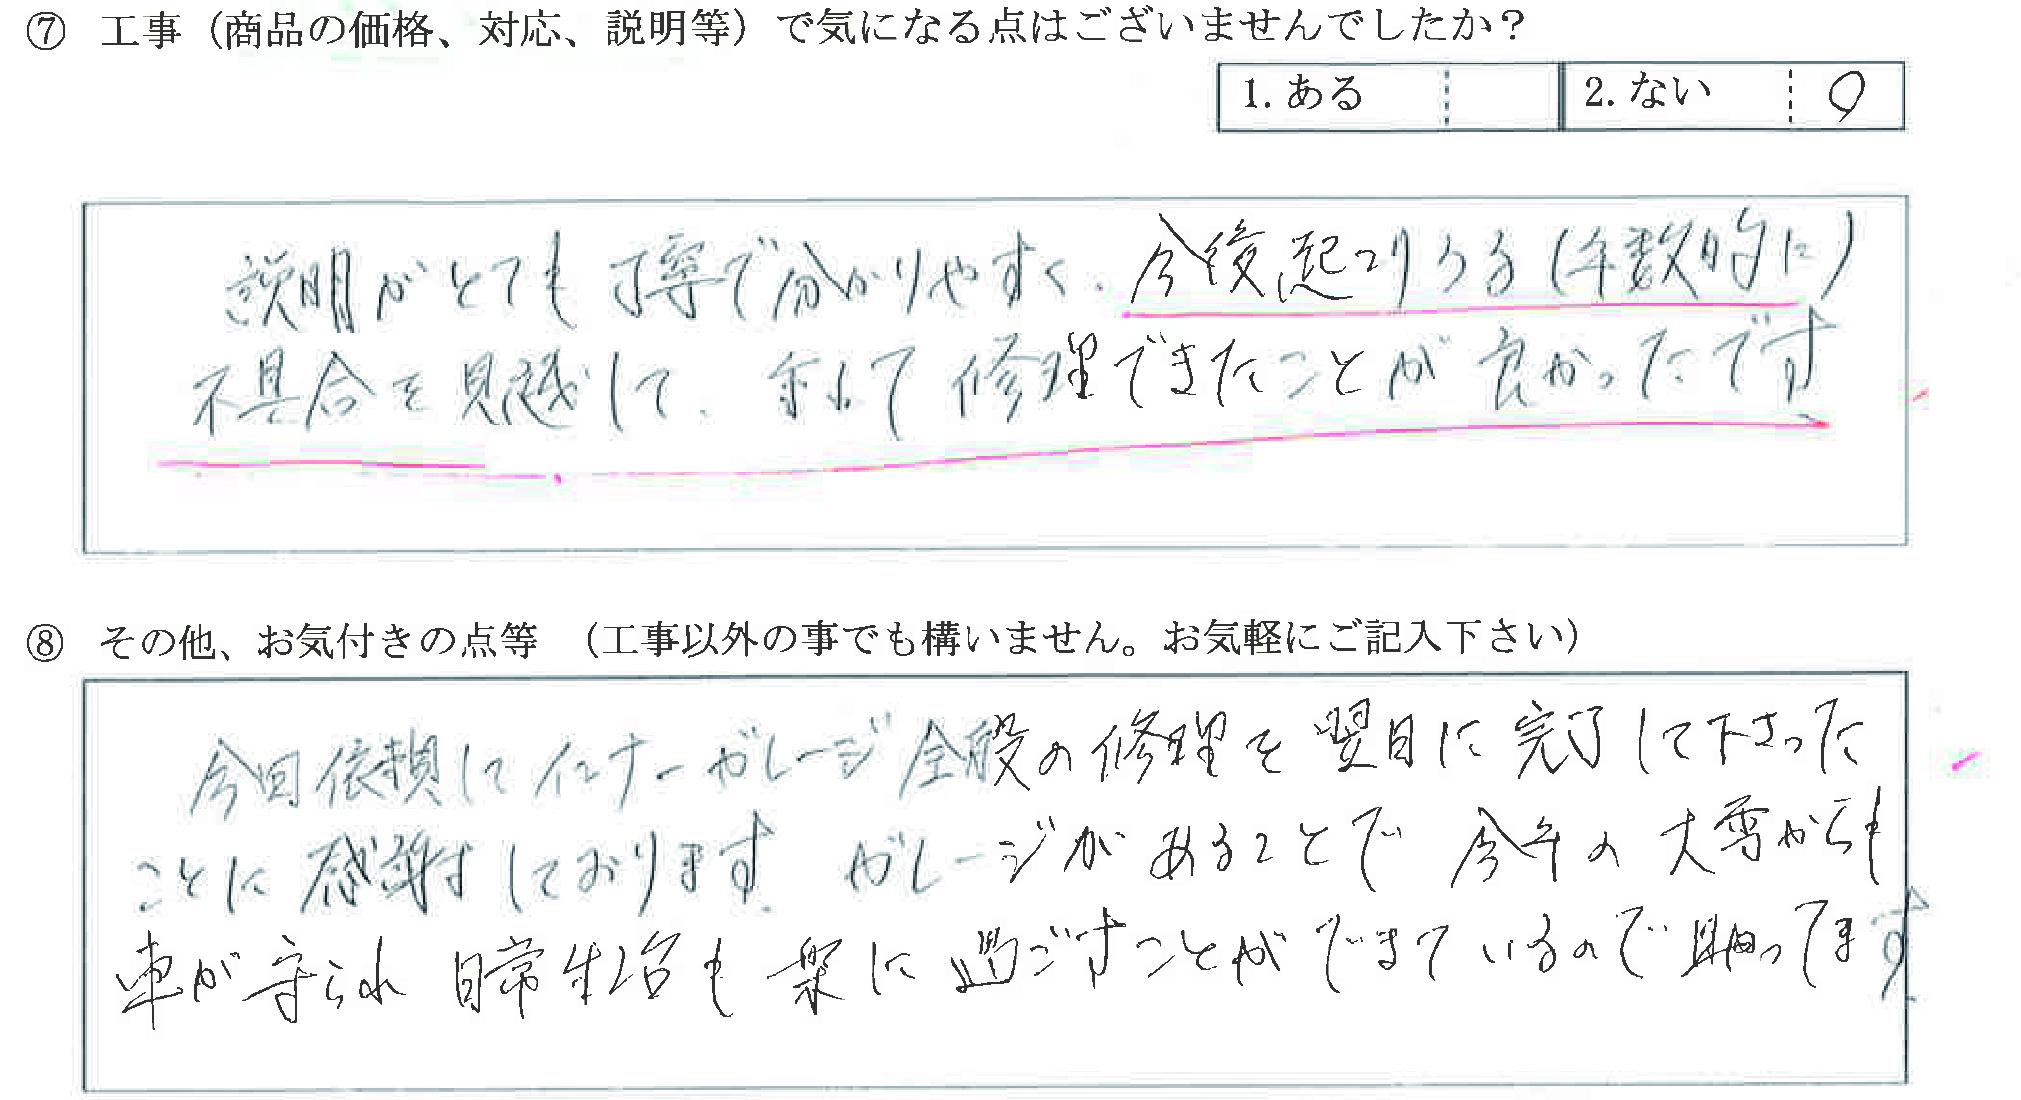 富山県中新川郡K様に頂いたガレージメンテナンスについてのお気づきの点がありましたら、お聞かせ下さい。というご質問について「ガレージメンテナンス【  お喜びの声  】」というお声についての画像